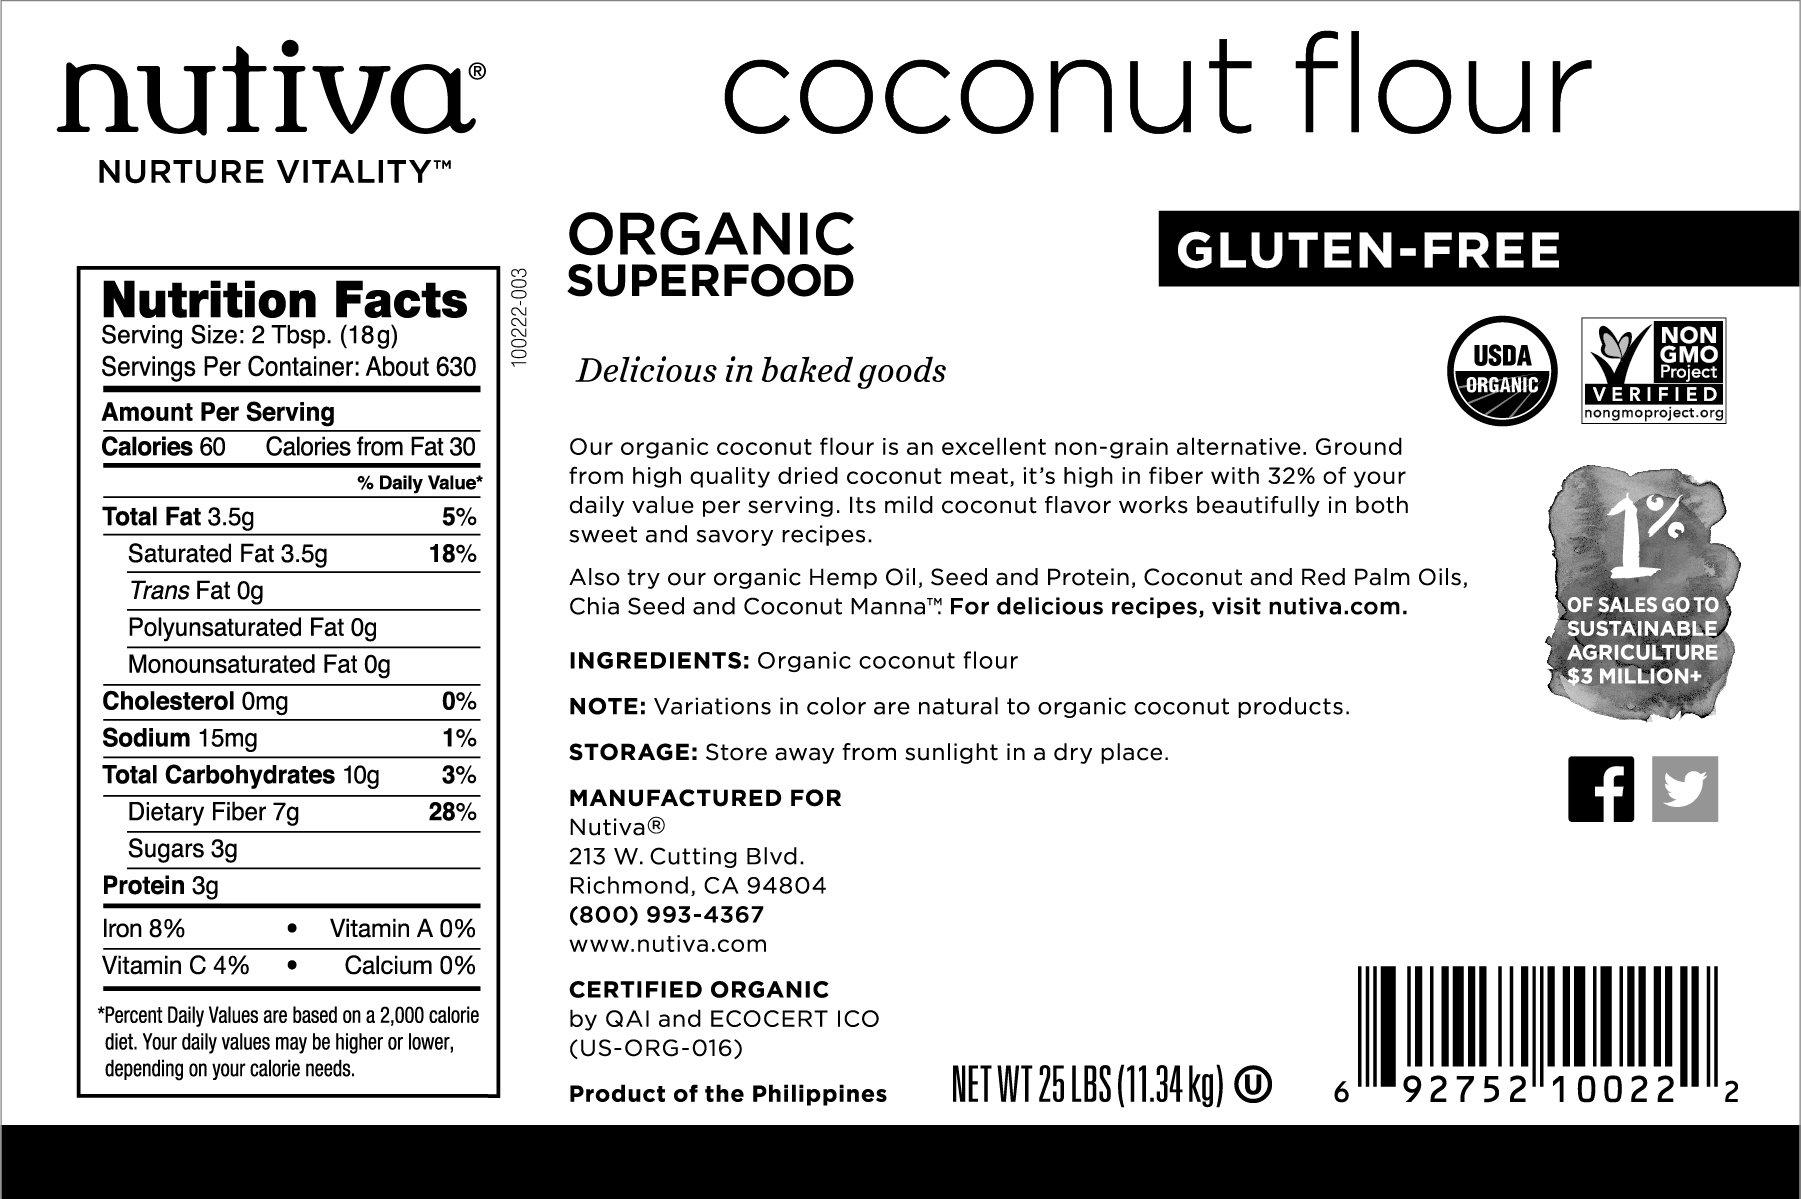 Nutiva USDA Certified Organic, non-GMO, Gluten-free, Unrefined Coconut Flour, 25-pound